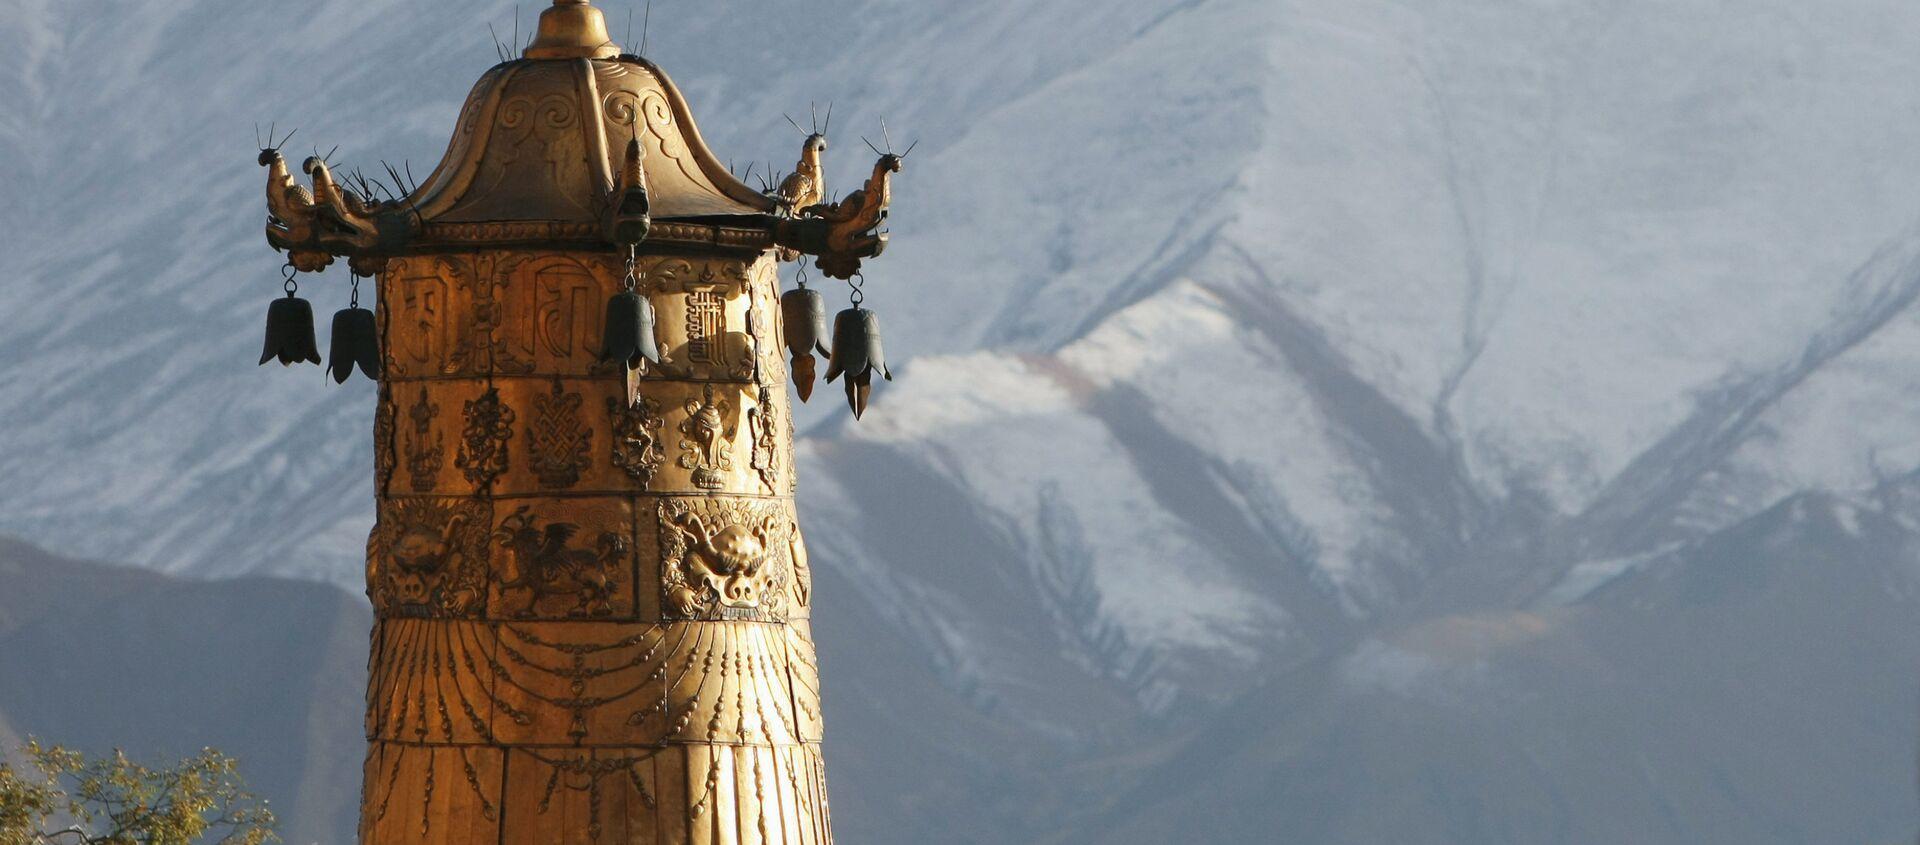 チベット - Sputnik 日本, 1920, 02.08.2021